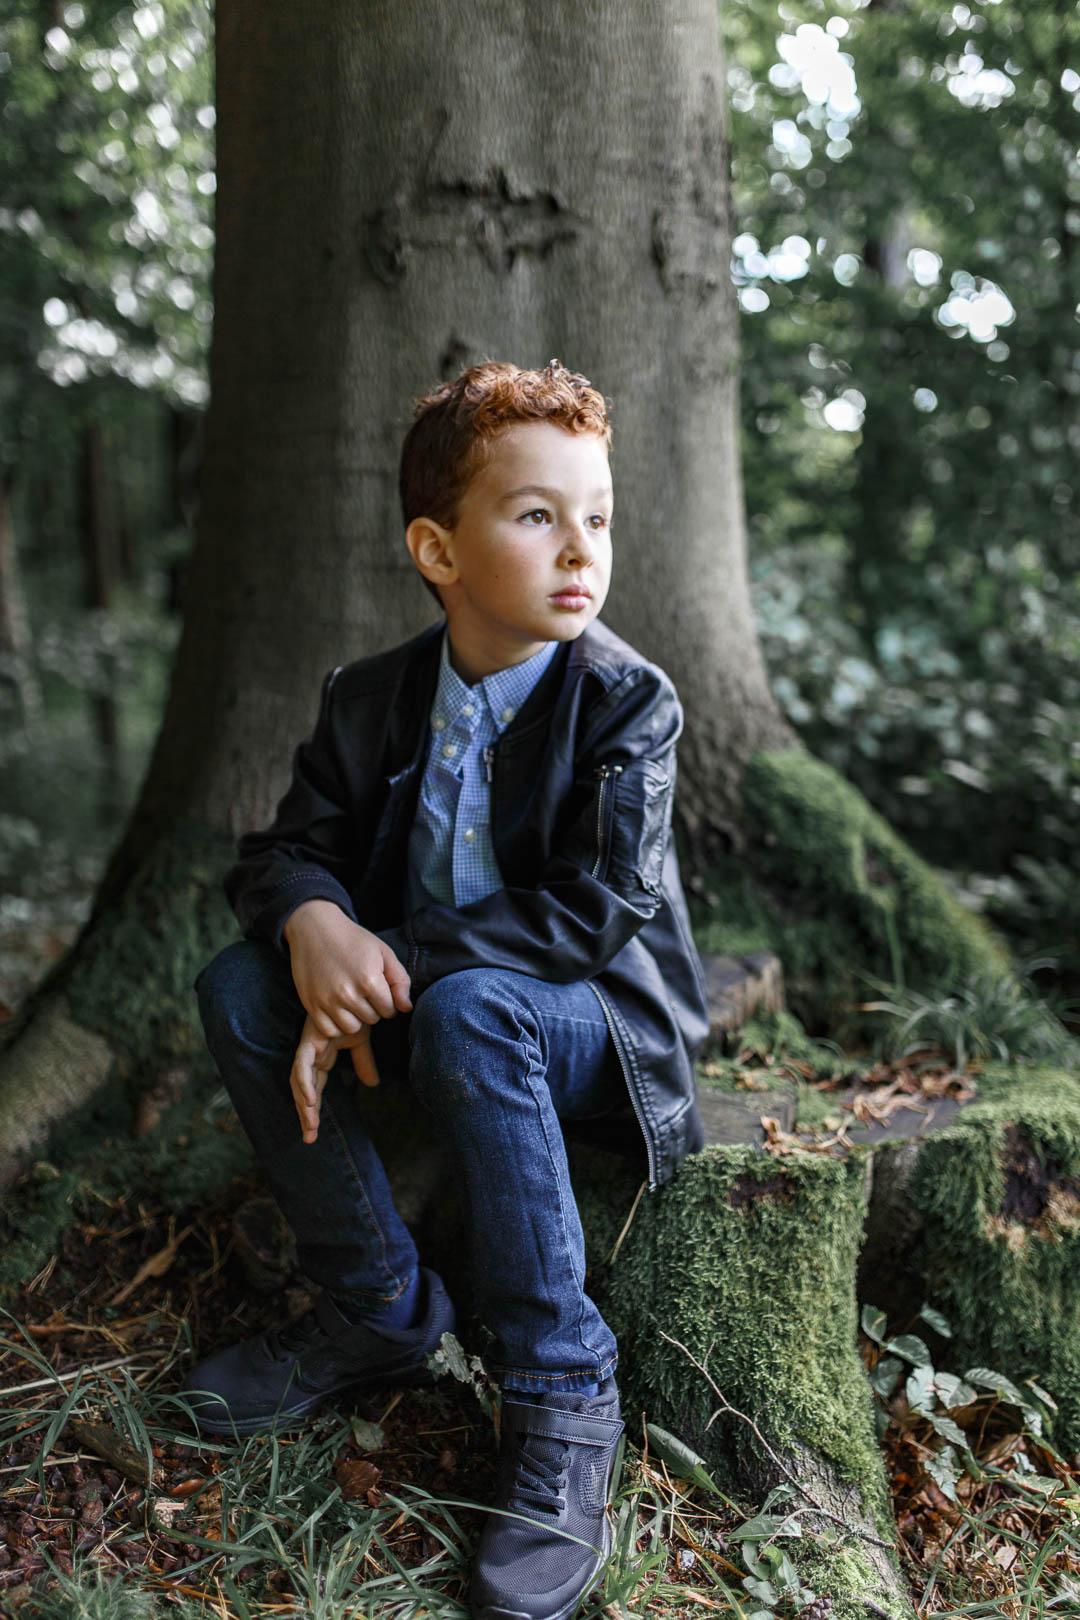 Kinderfotograf Franken Nürnberg Bayreuth Pegnitz 007 1 - familienfotografie, blog - Kinderfotografie, Kinderfotograf Nürnberg, Kinderfotograf Franken, Kinder